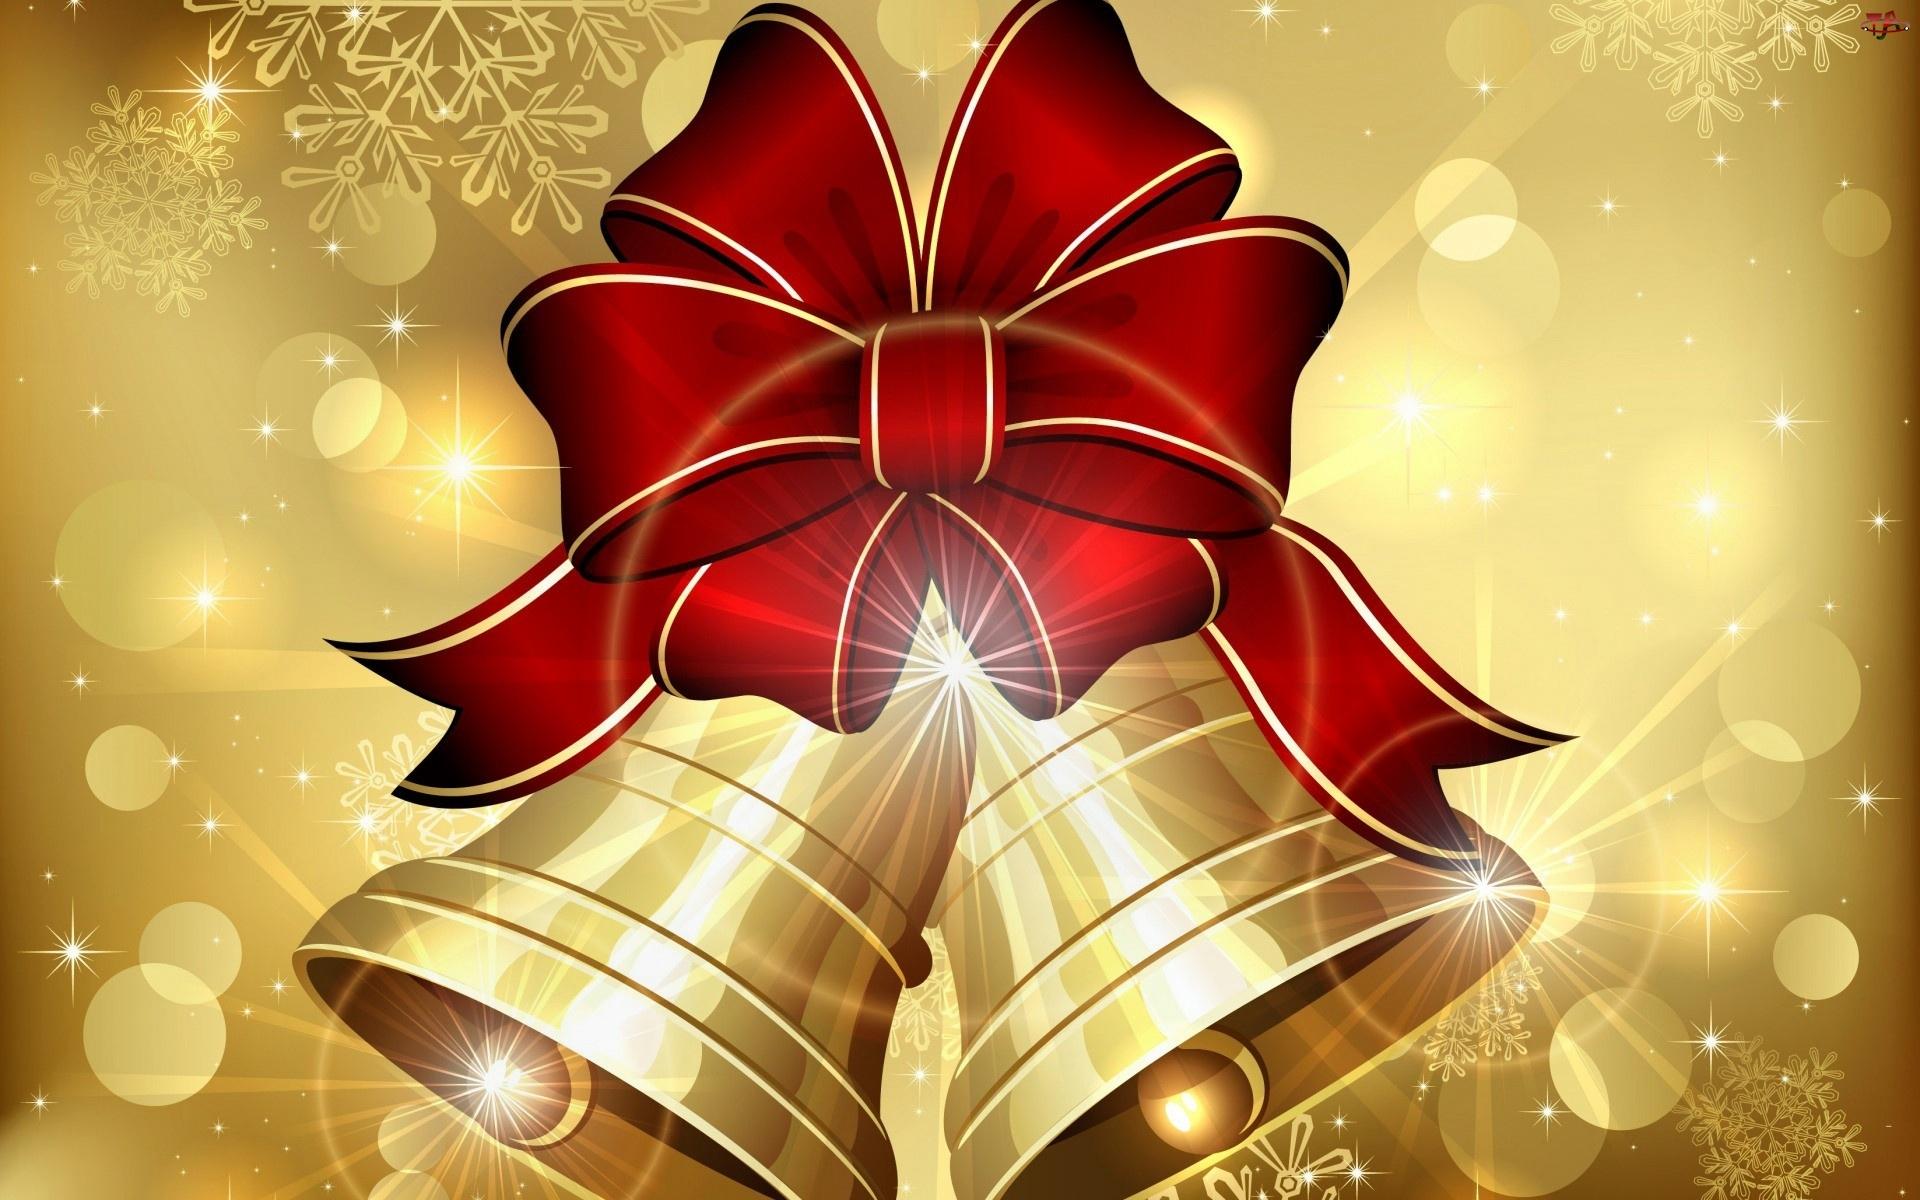 Dzwonki, Boże Narodzenie, Świąteczne